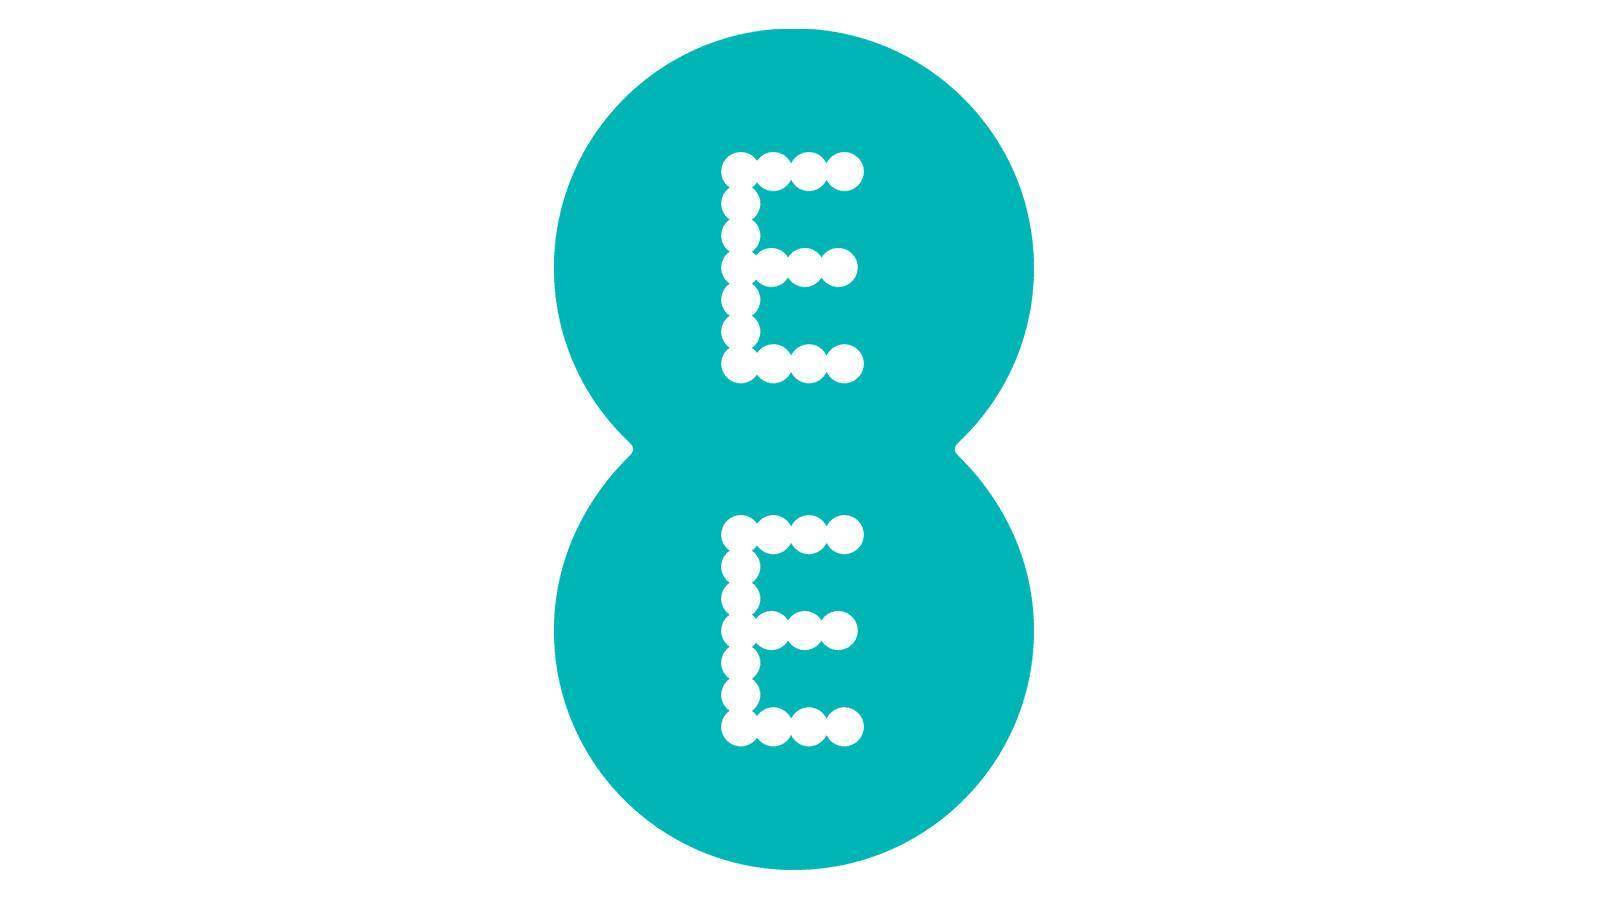 EE Telephone Numbers